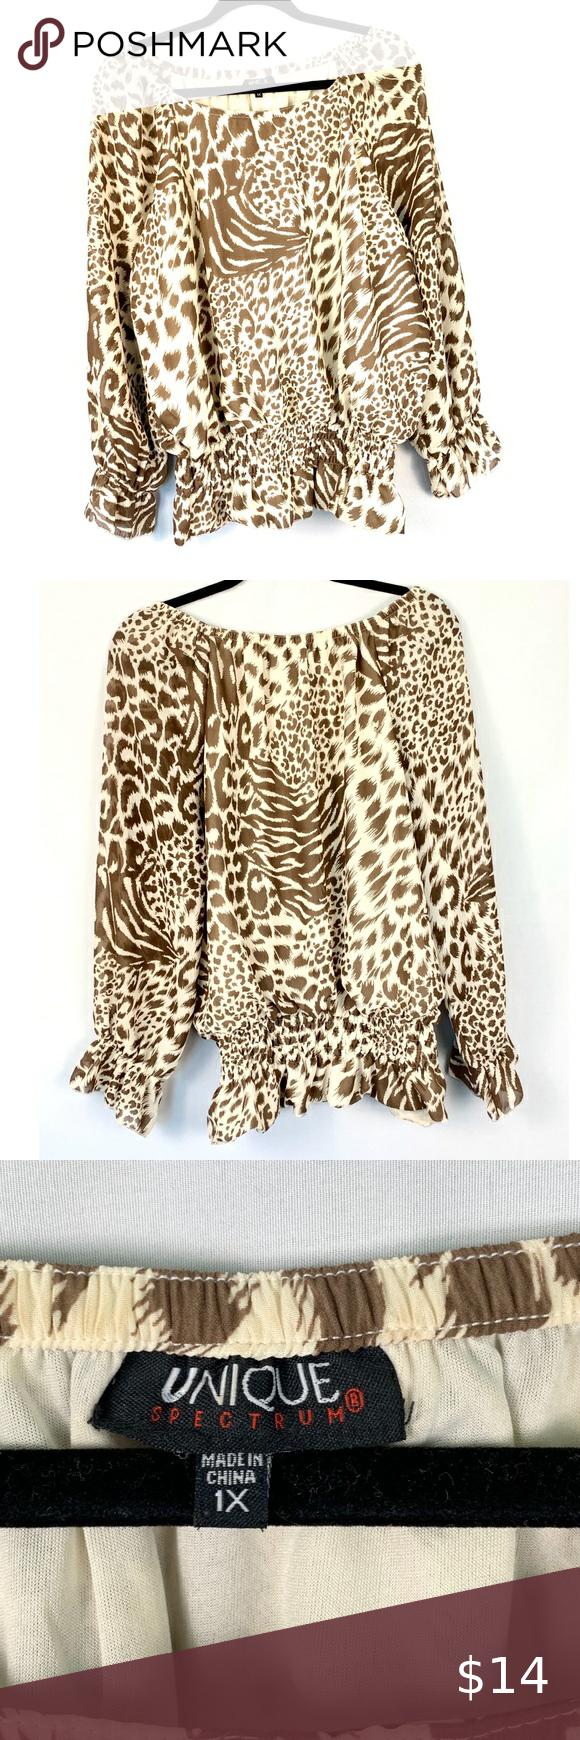 Animal print leopard print blouse size 1X